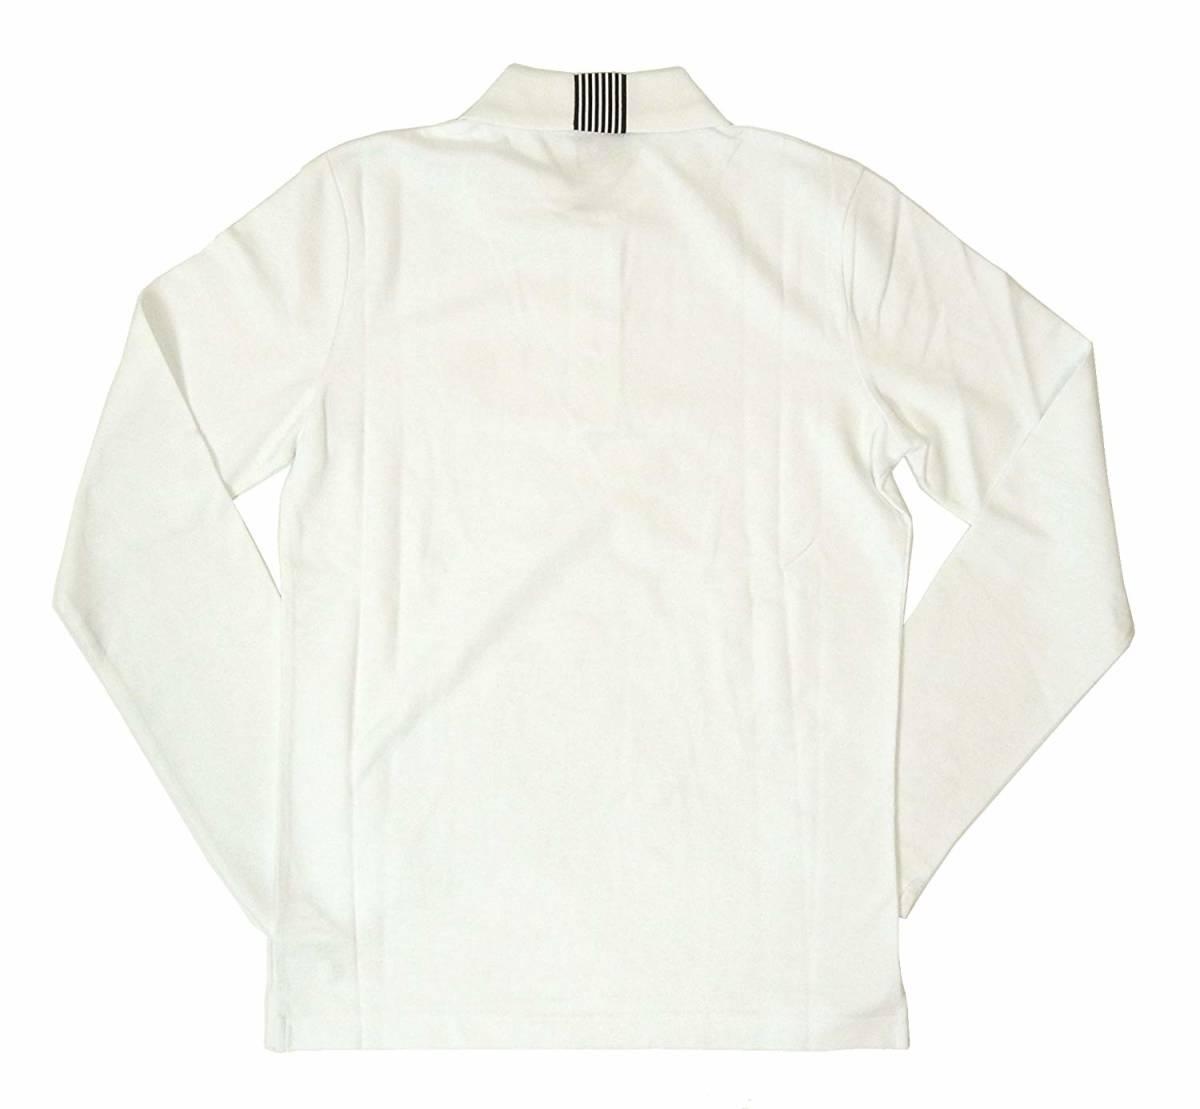 new product 9871f 2e5c5 代購代標第一品牌- 樂淘letao - アルマーニゴルフ長袖ポロシャツ ...